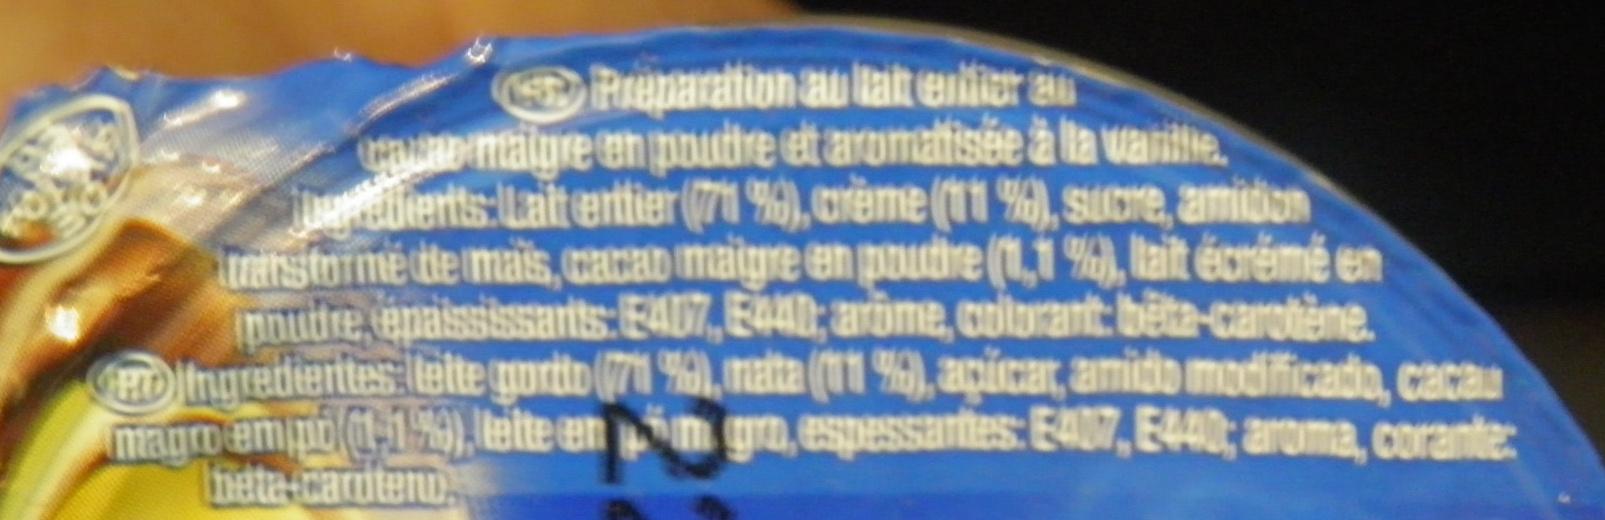 Dessert cacao goût vanille - Ingrédients